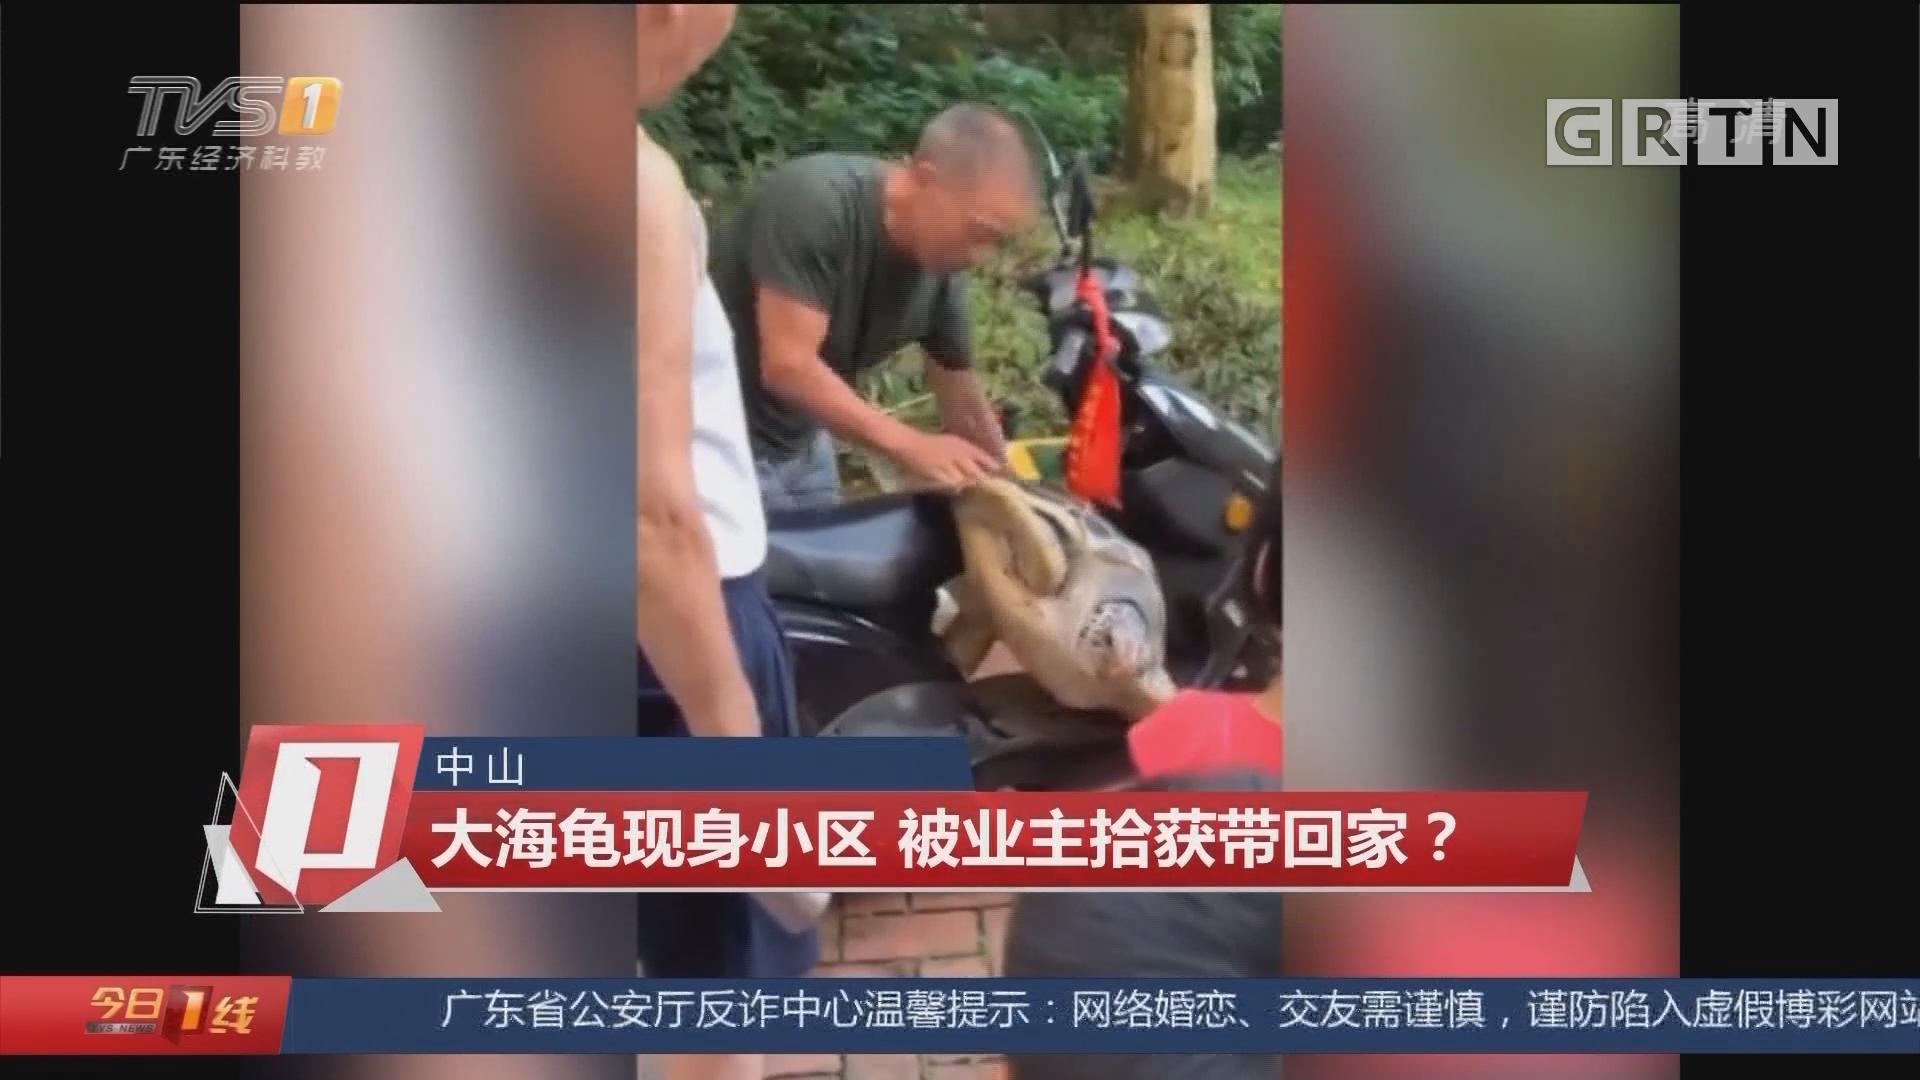 中山:大海龟现身小区 被业主拾获带回家?